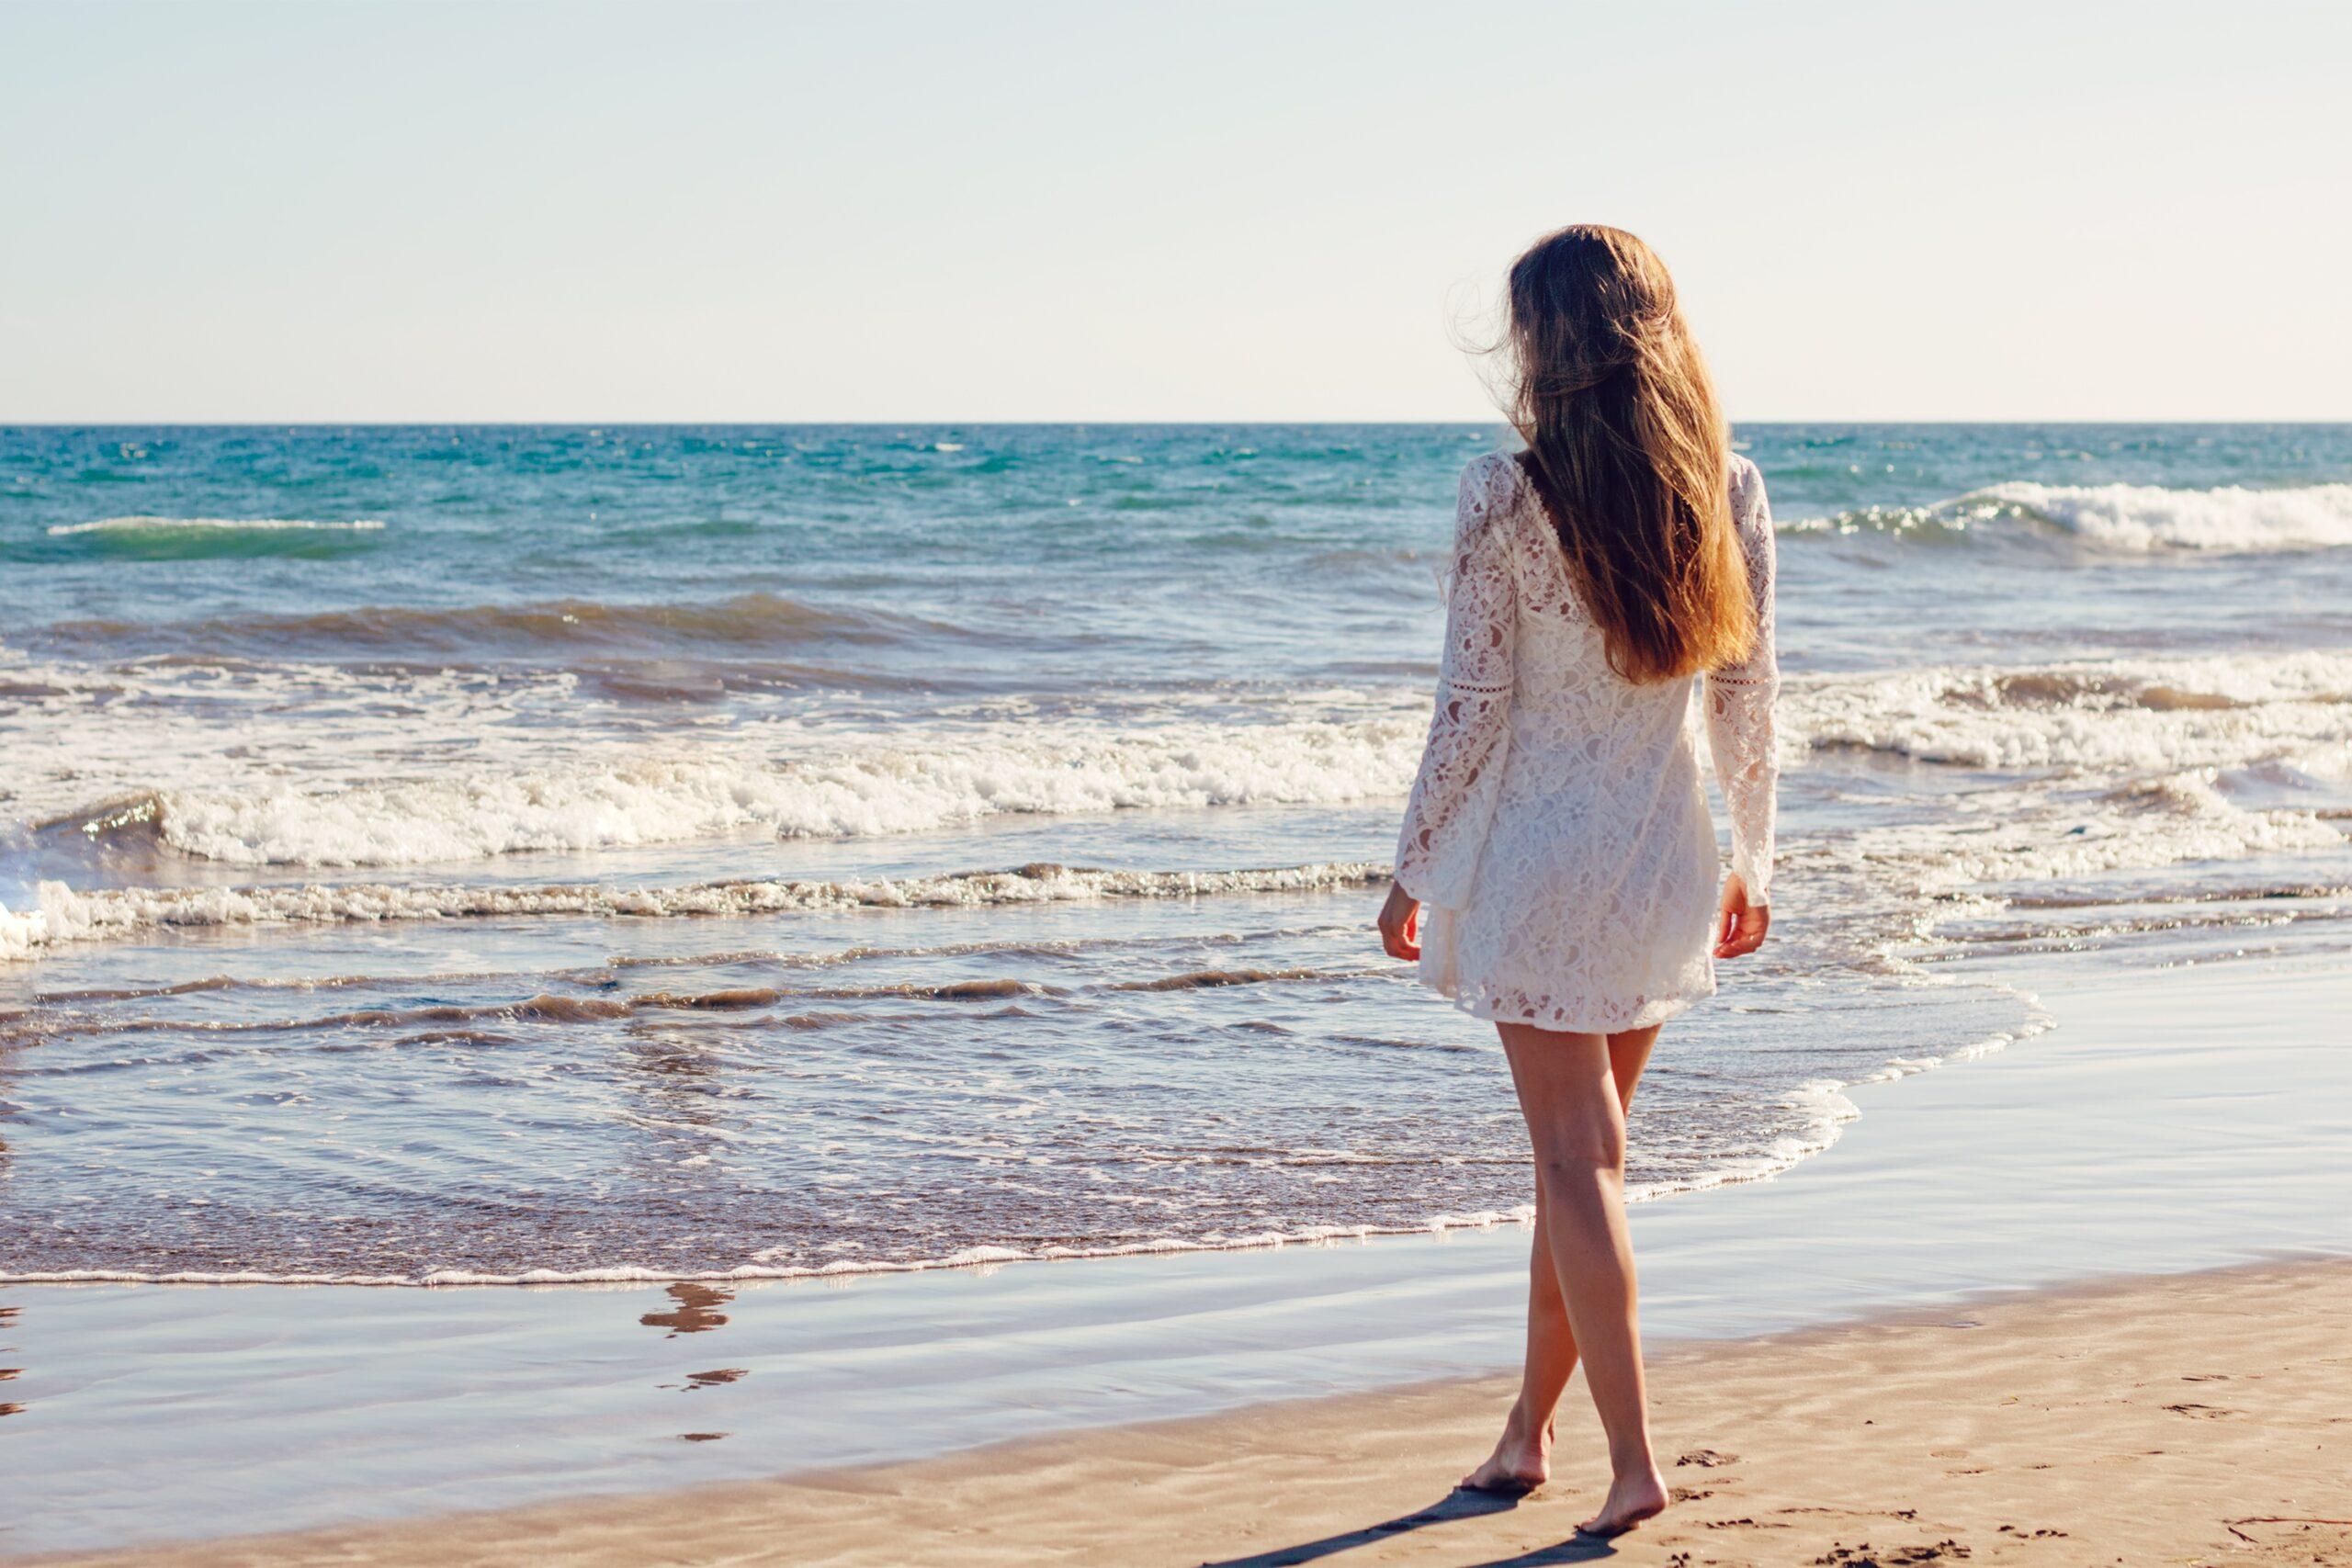 Menopausia precoz: cuando la menopausia llega antes de tiempo